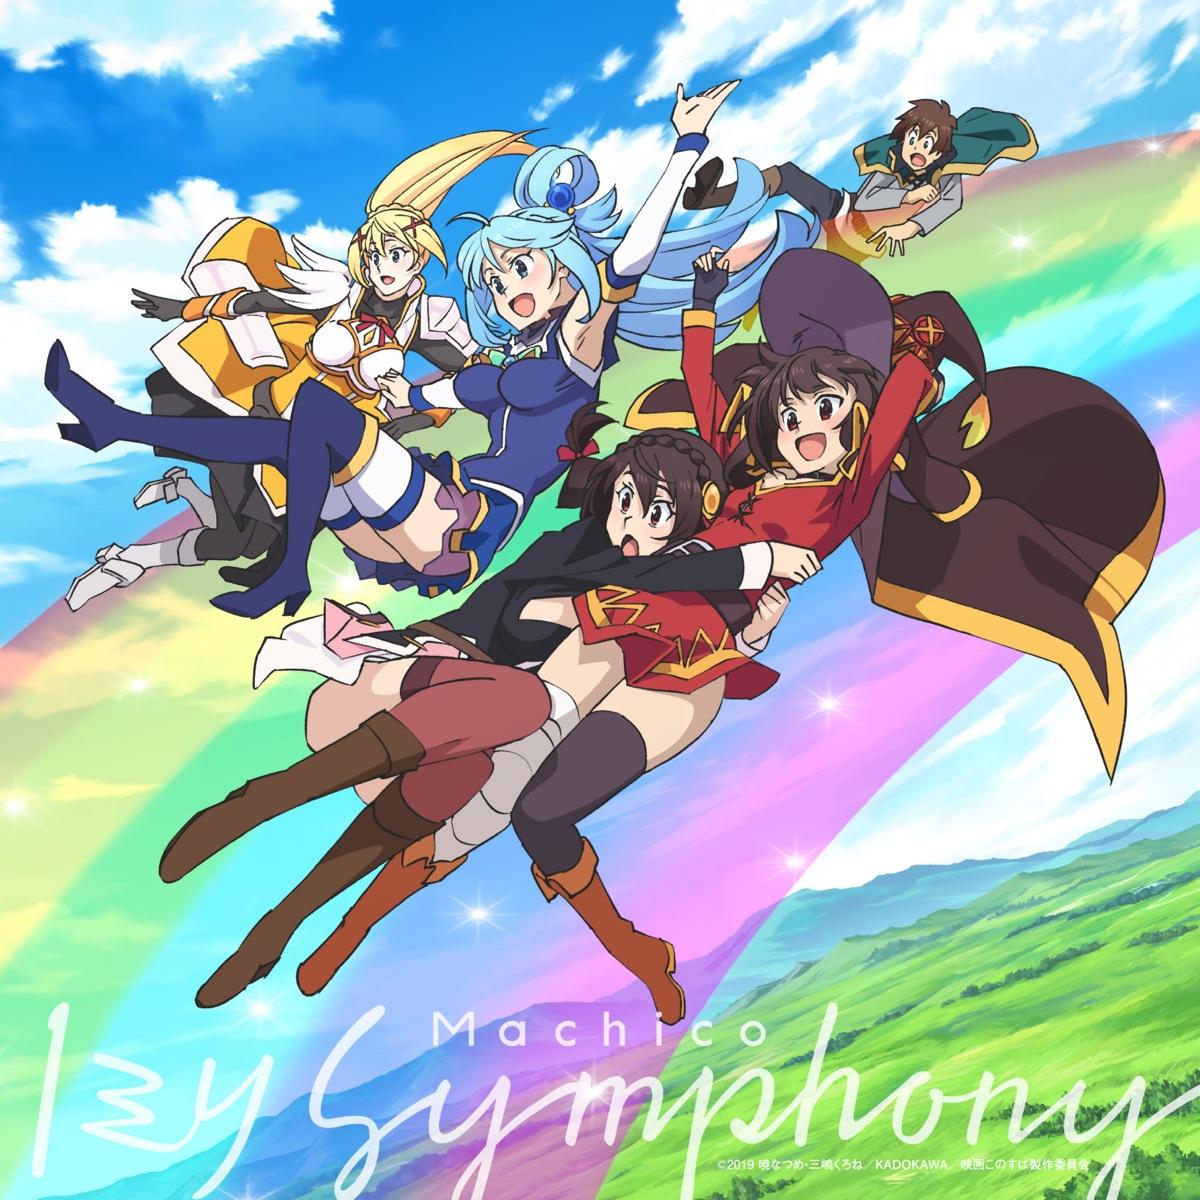 『Machico - 1ミリ Symphony』収録の『1ミリ Symphony』ジャケット